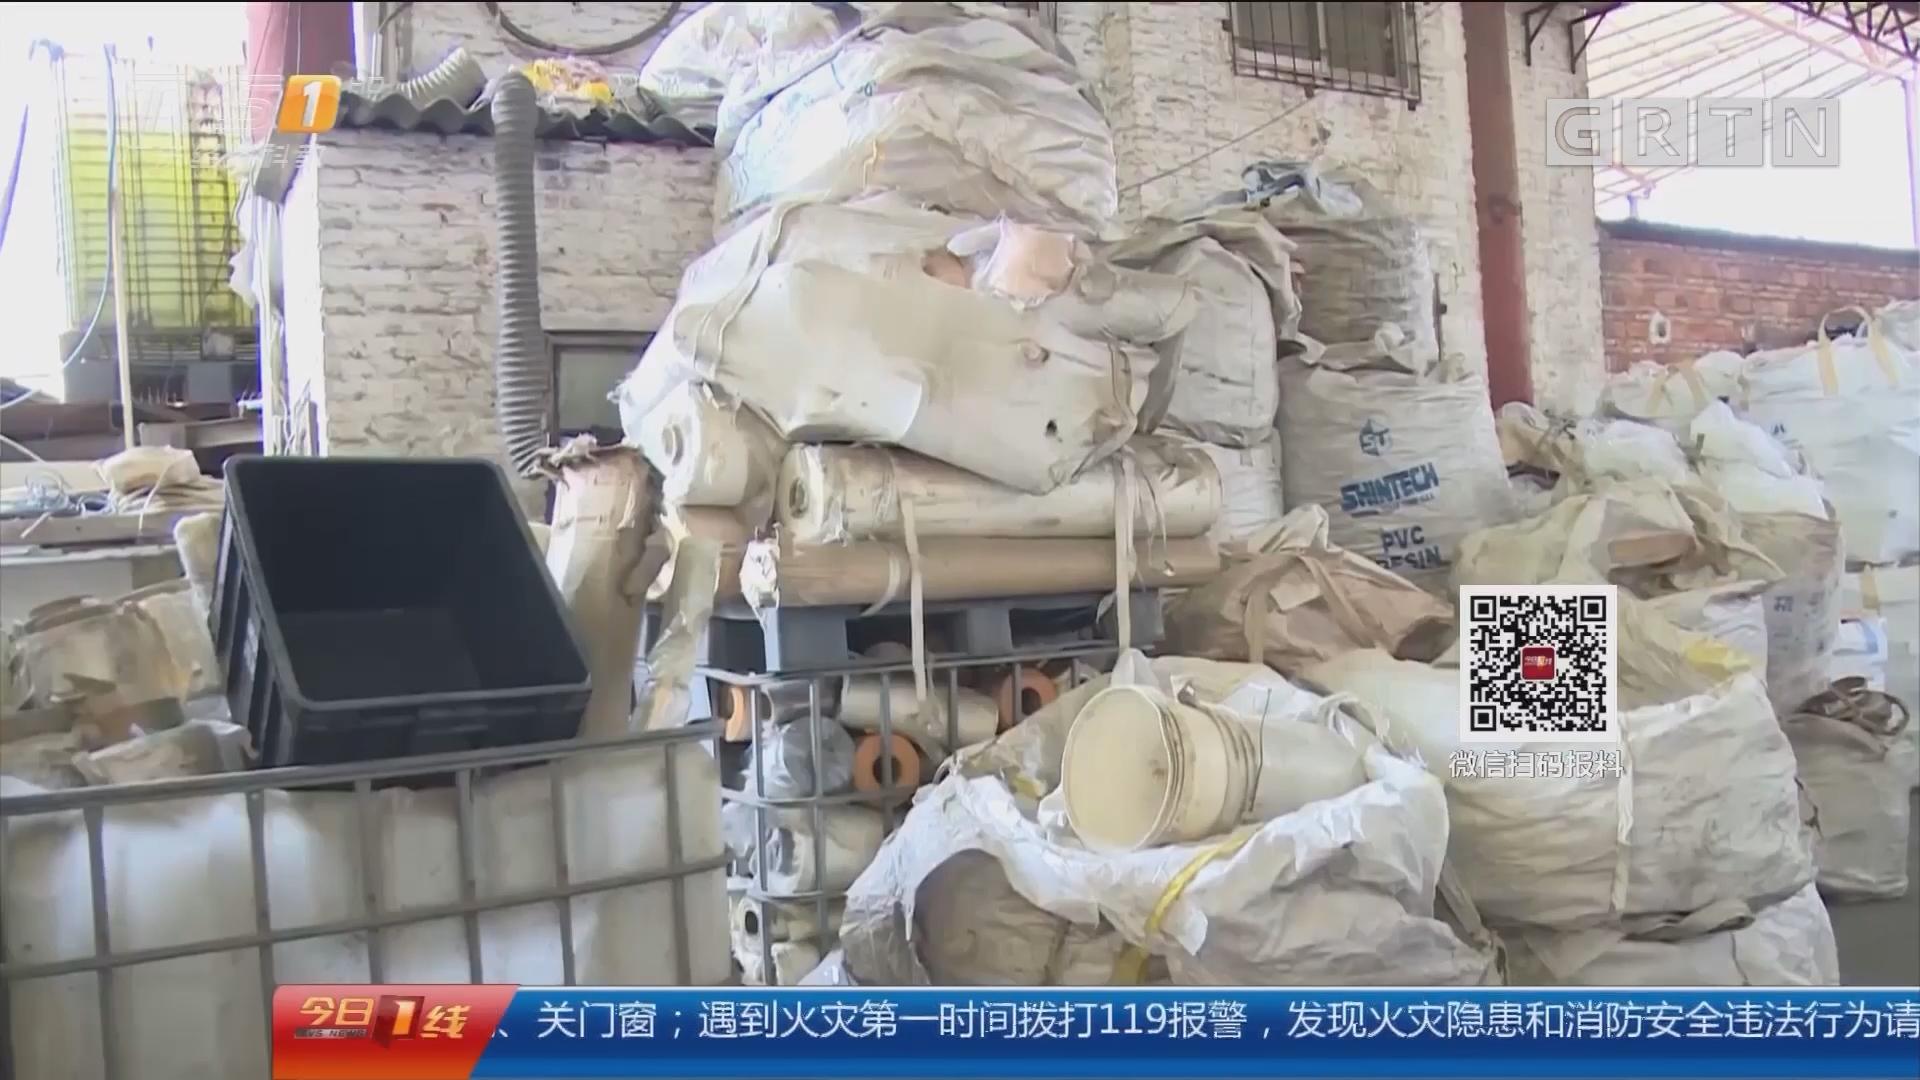 深圳海关:查缉走私抓12人 查证固废5万余吨